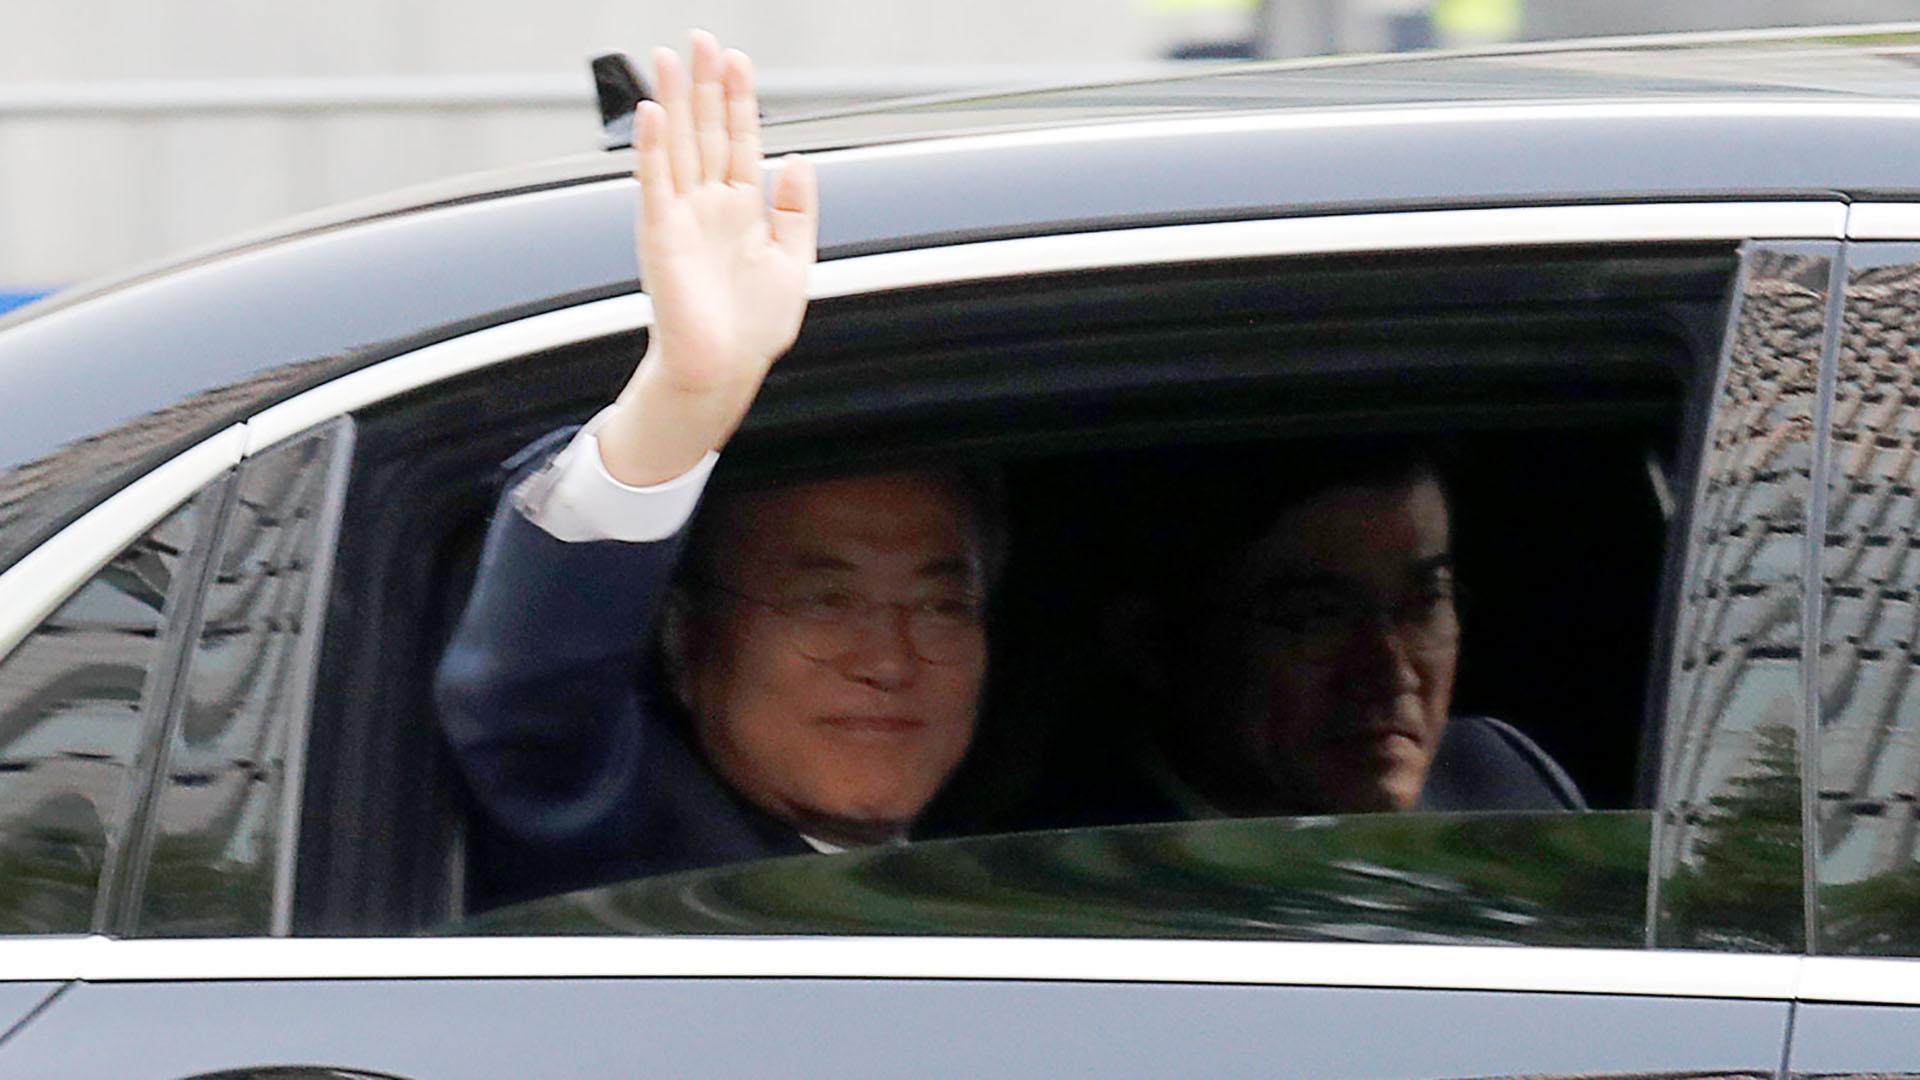 El mandatario surcoreano Moon Jae-in saludó a los seguidores que celebraron en la calle por su disposición a dialogar con el gobierno norcoreano (REUTERS)